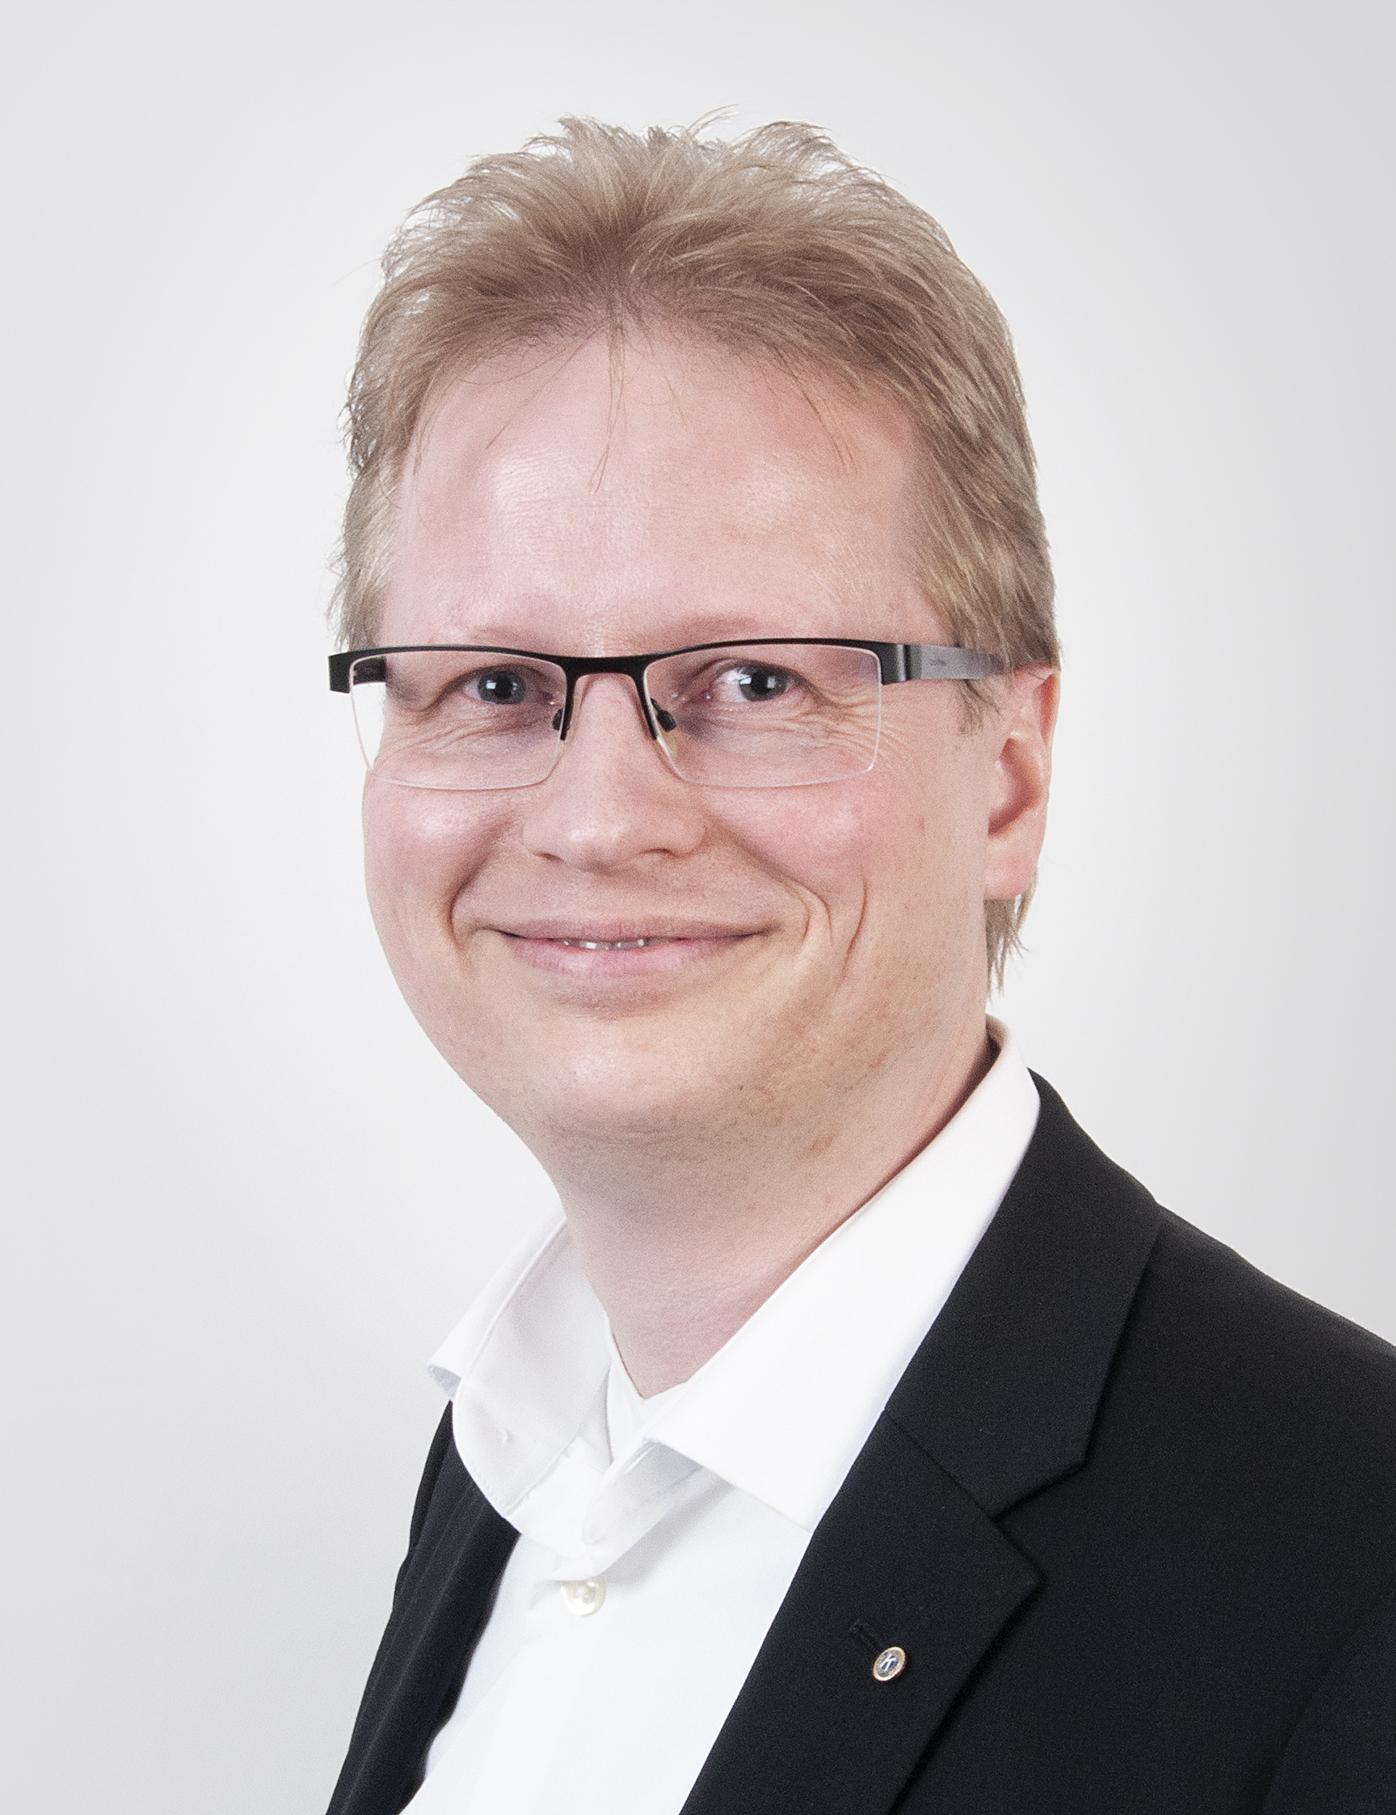 Stefan Eckhoff, Zeven